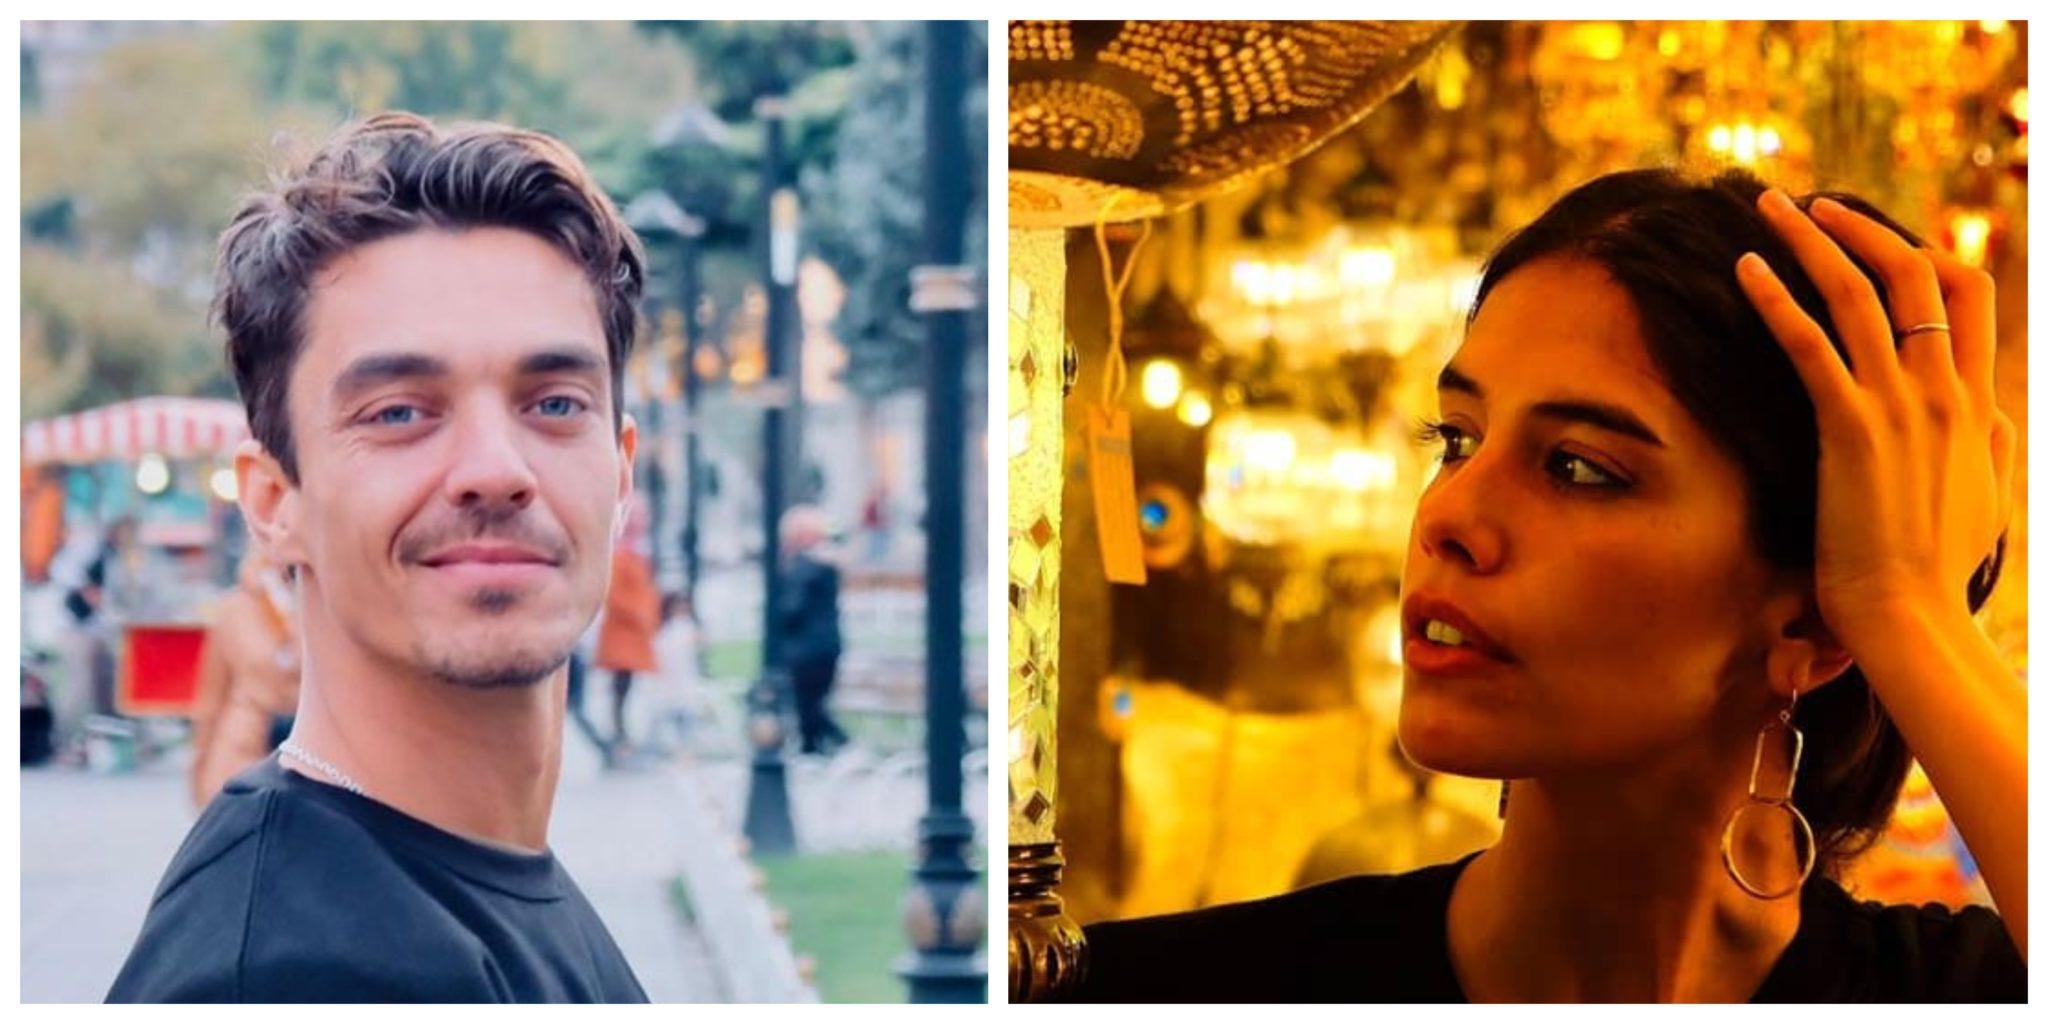 Josemata Isabelavaladeiro Isabela Valadeiro E José Mata Obrigados A Darem Passo Importante Por Causa Da Covid-19